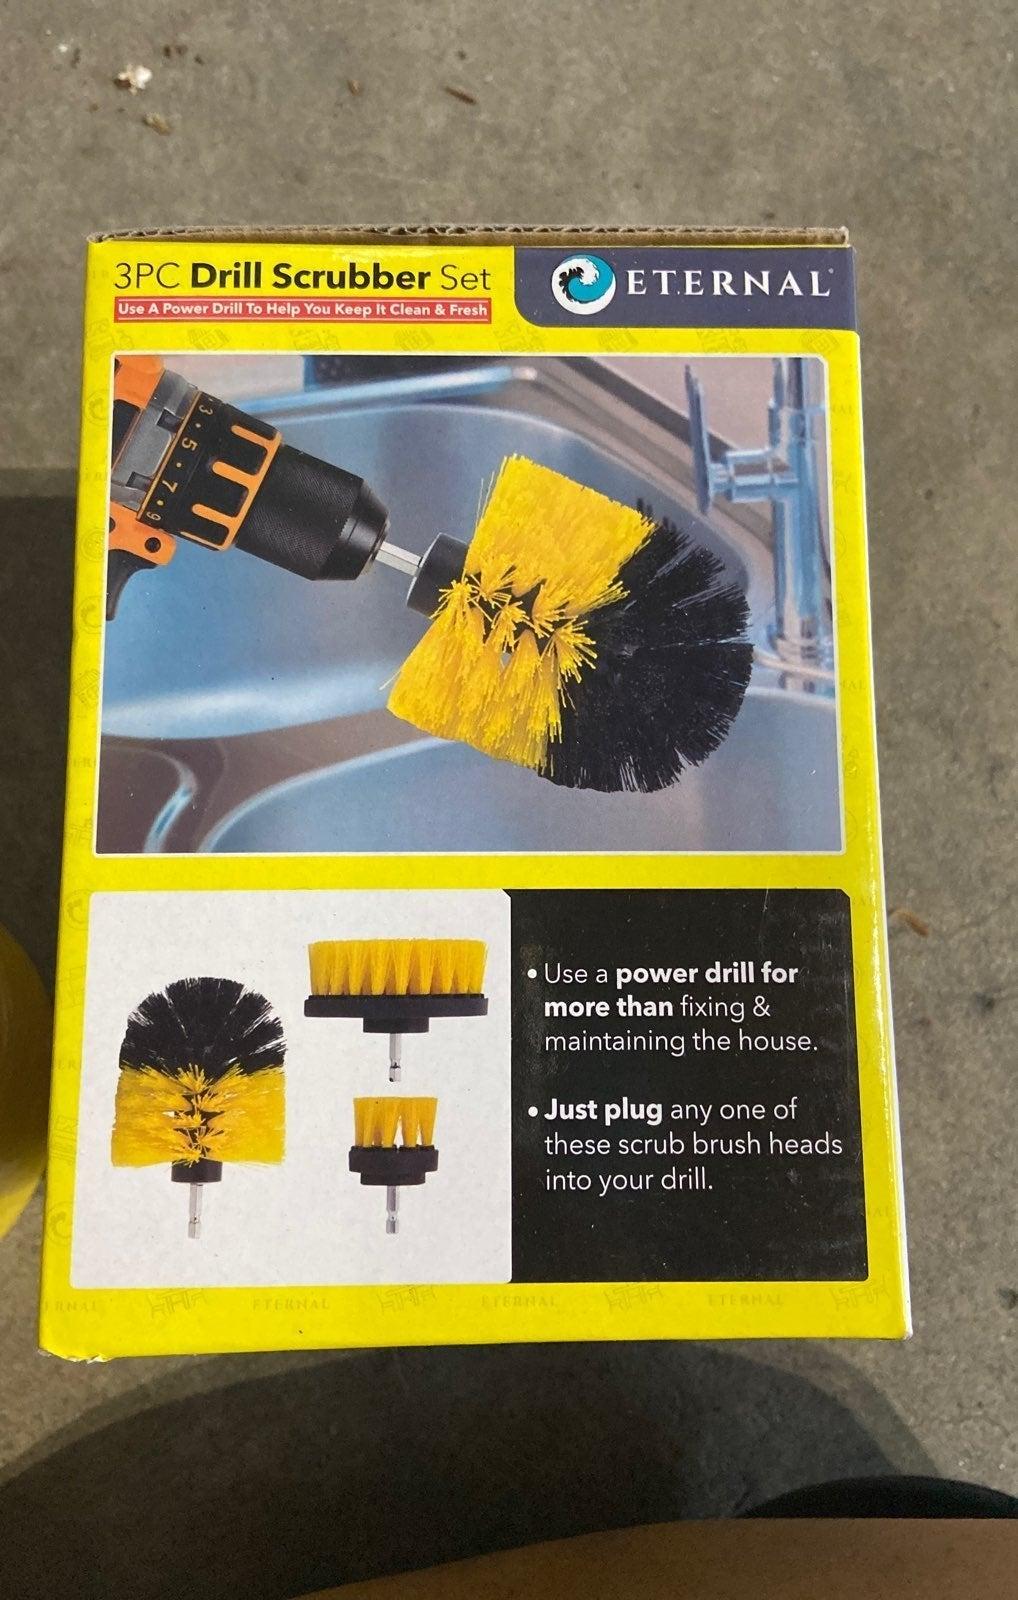 3 pc drill scrubber set